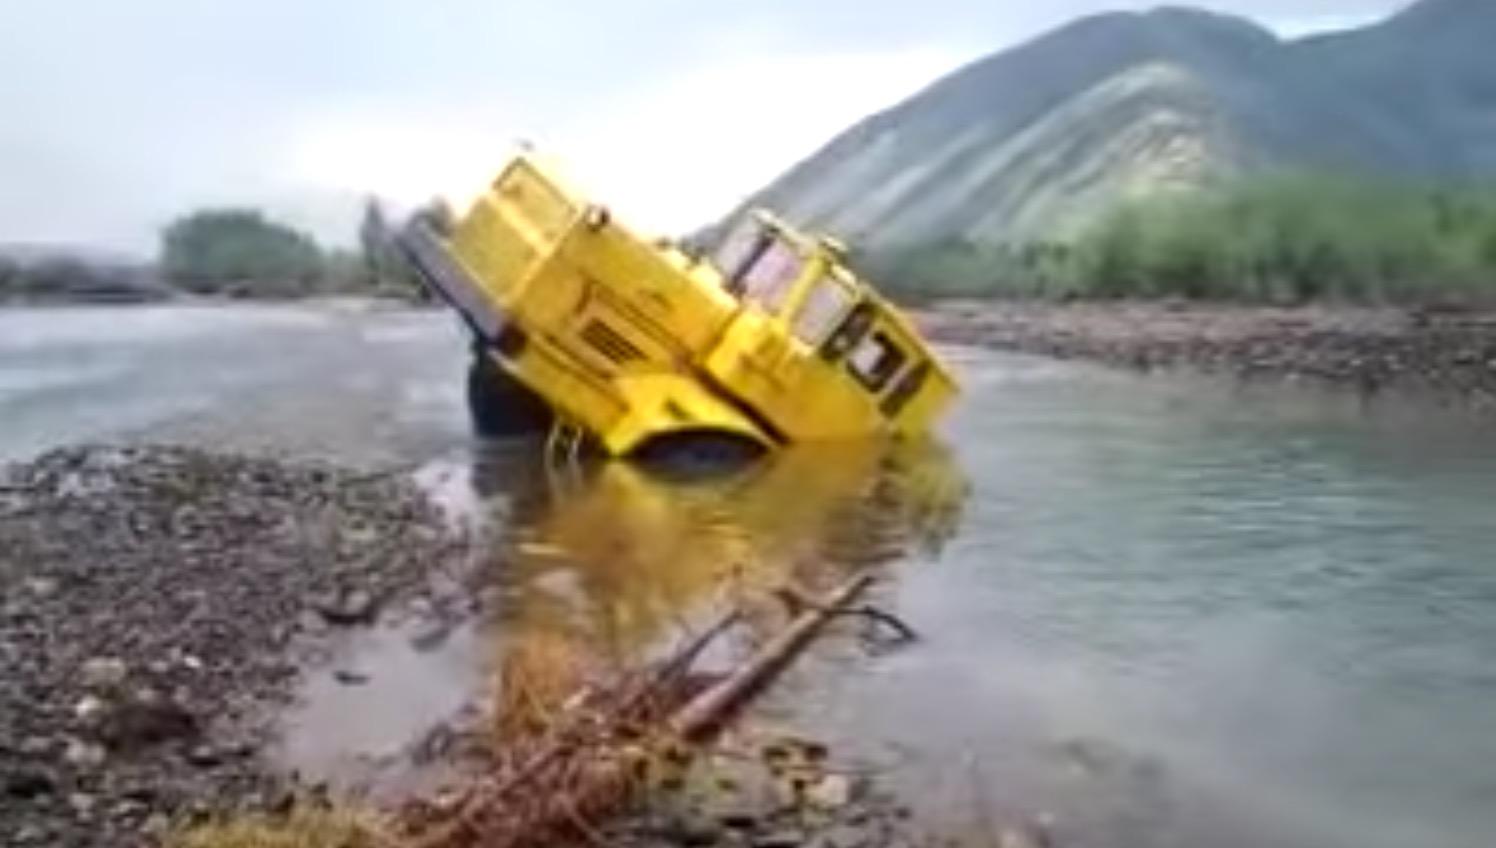 ハマっていたトラックが、信じられないパワーで脱出!後ろがこんなに長かったとは